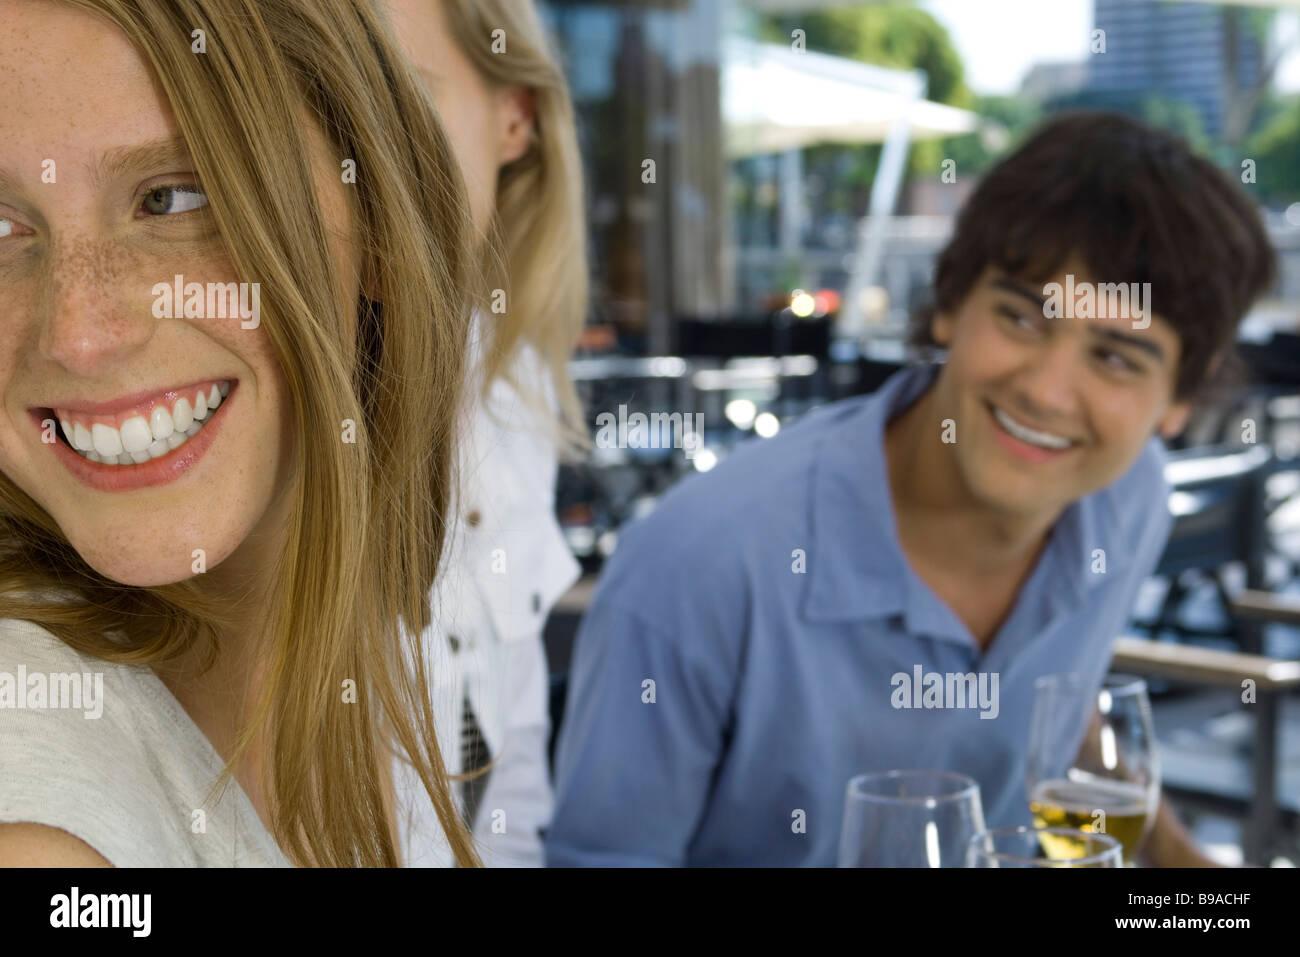 Junge Freunde am Straßencafé sitzen, über die Schultern schauen und Lächeln Stockbild